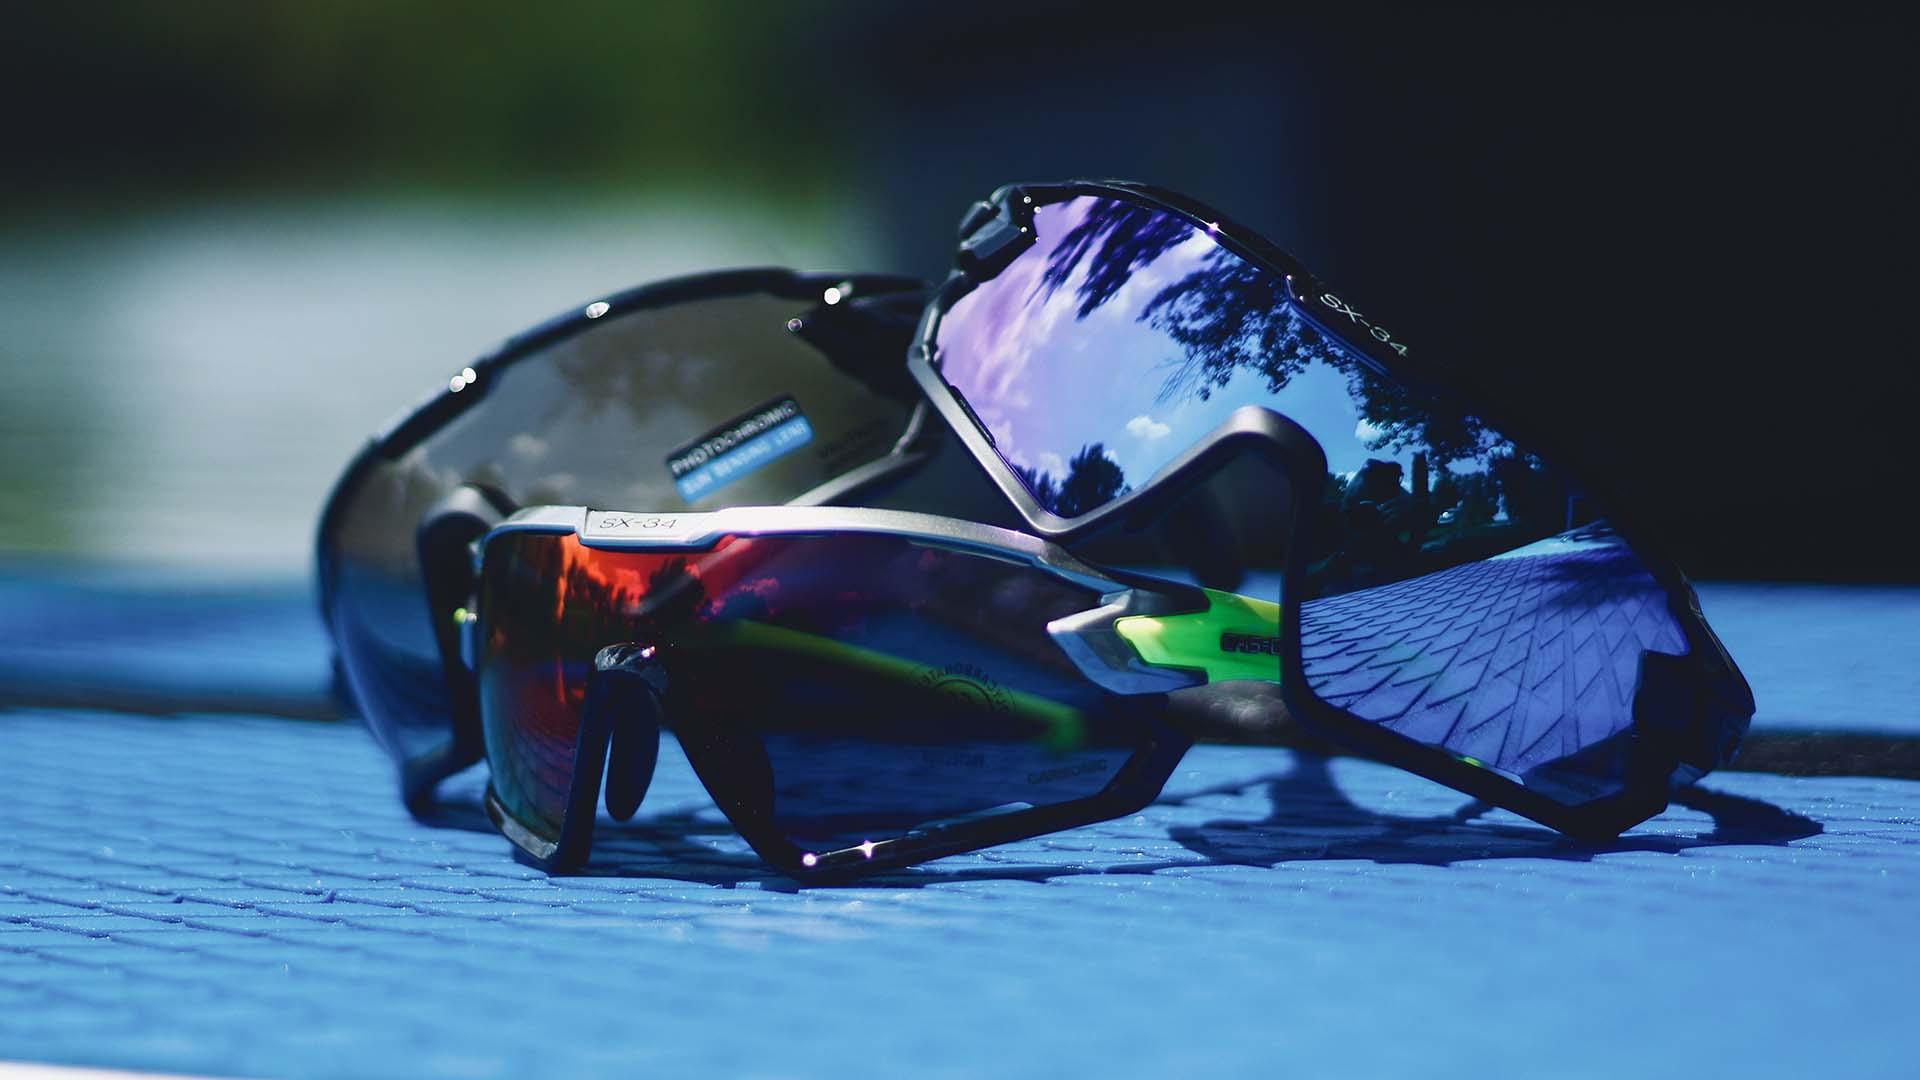 Funkcionális szemüveg sportoláshoz kifejlesztve: Casco SX-34 sportszemüveg-3